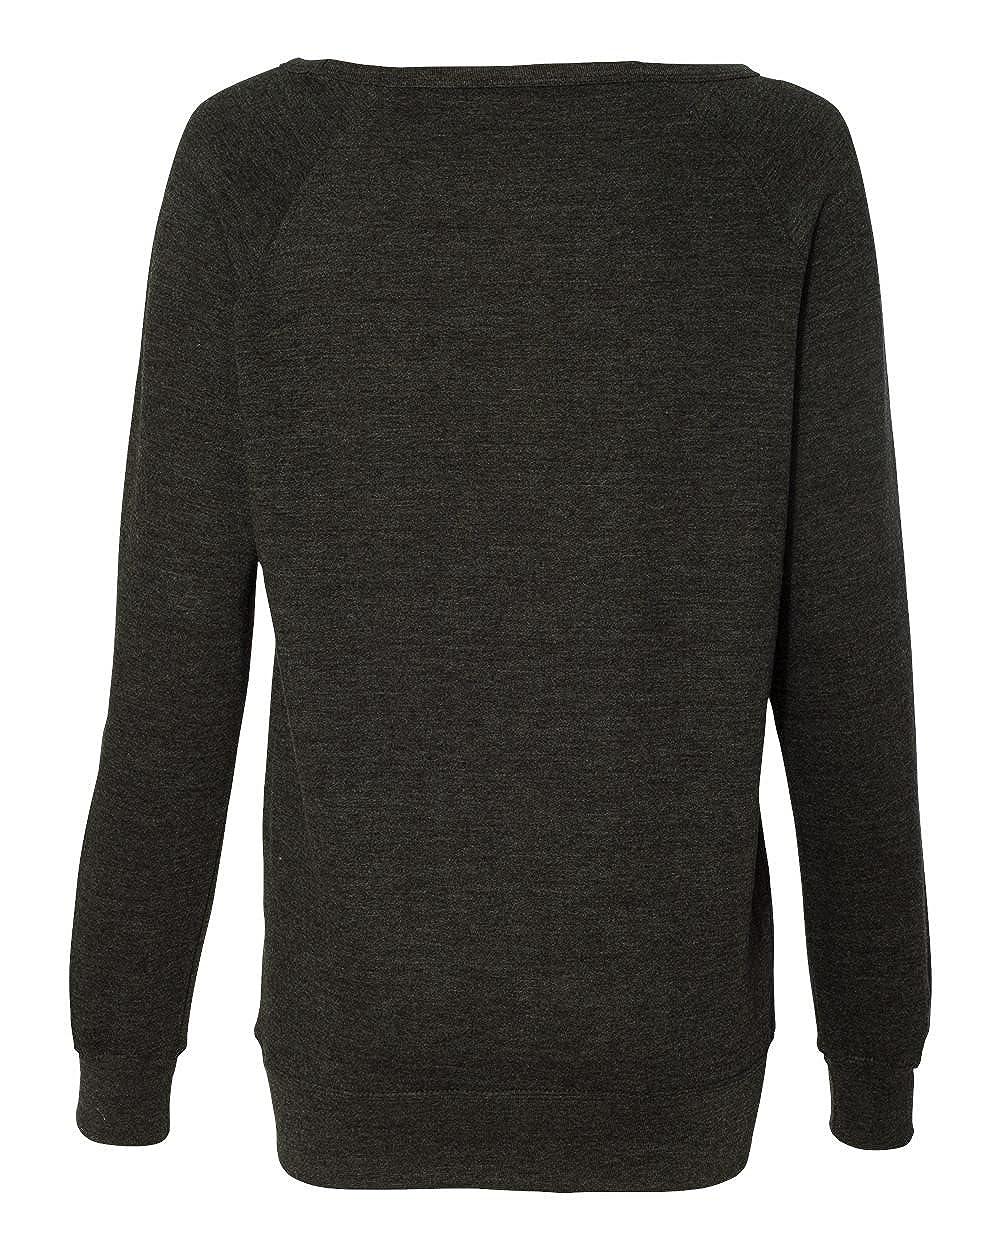 SS240 Independent Trading Co Juniors Heavenly Fleece Crewneck Sweatshirt